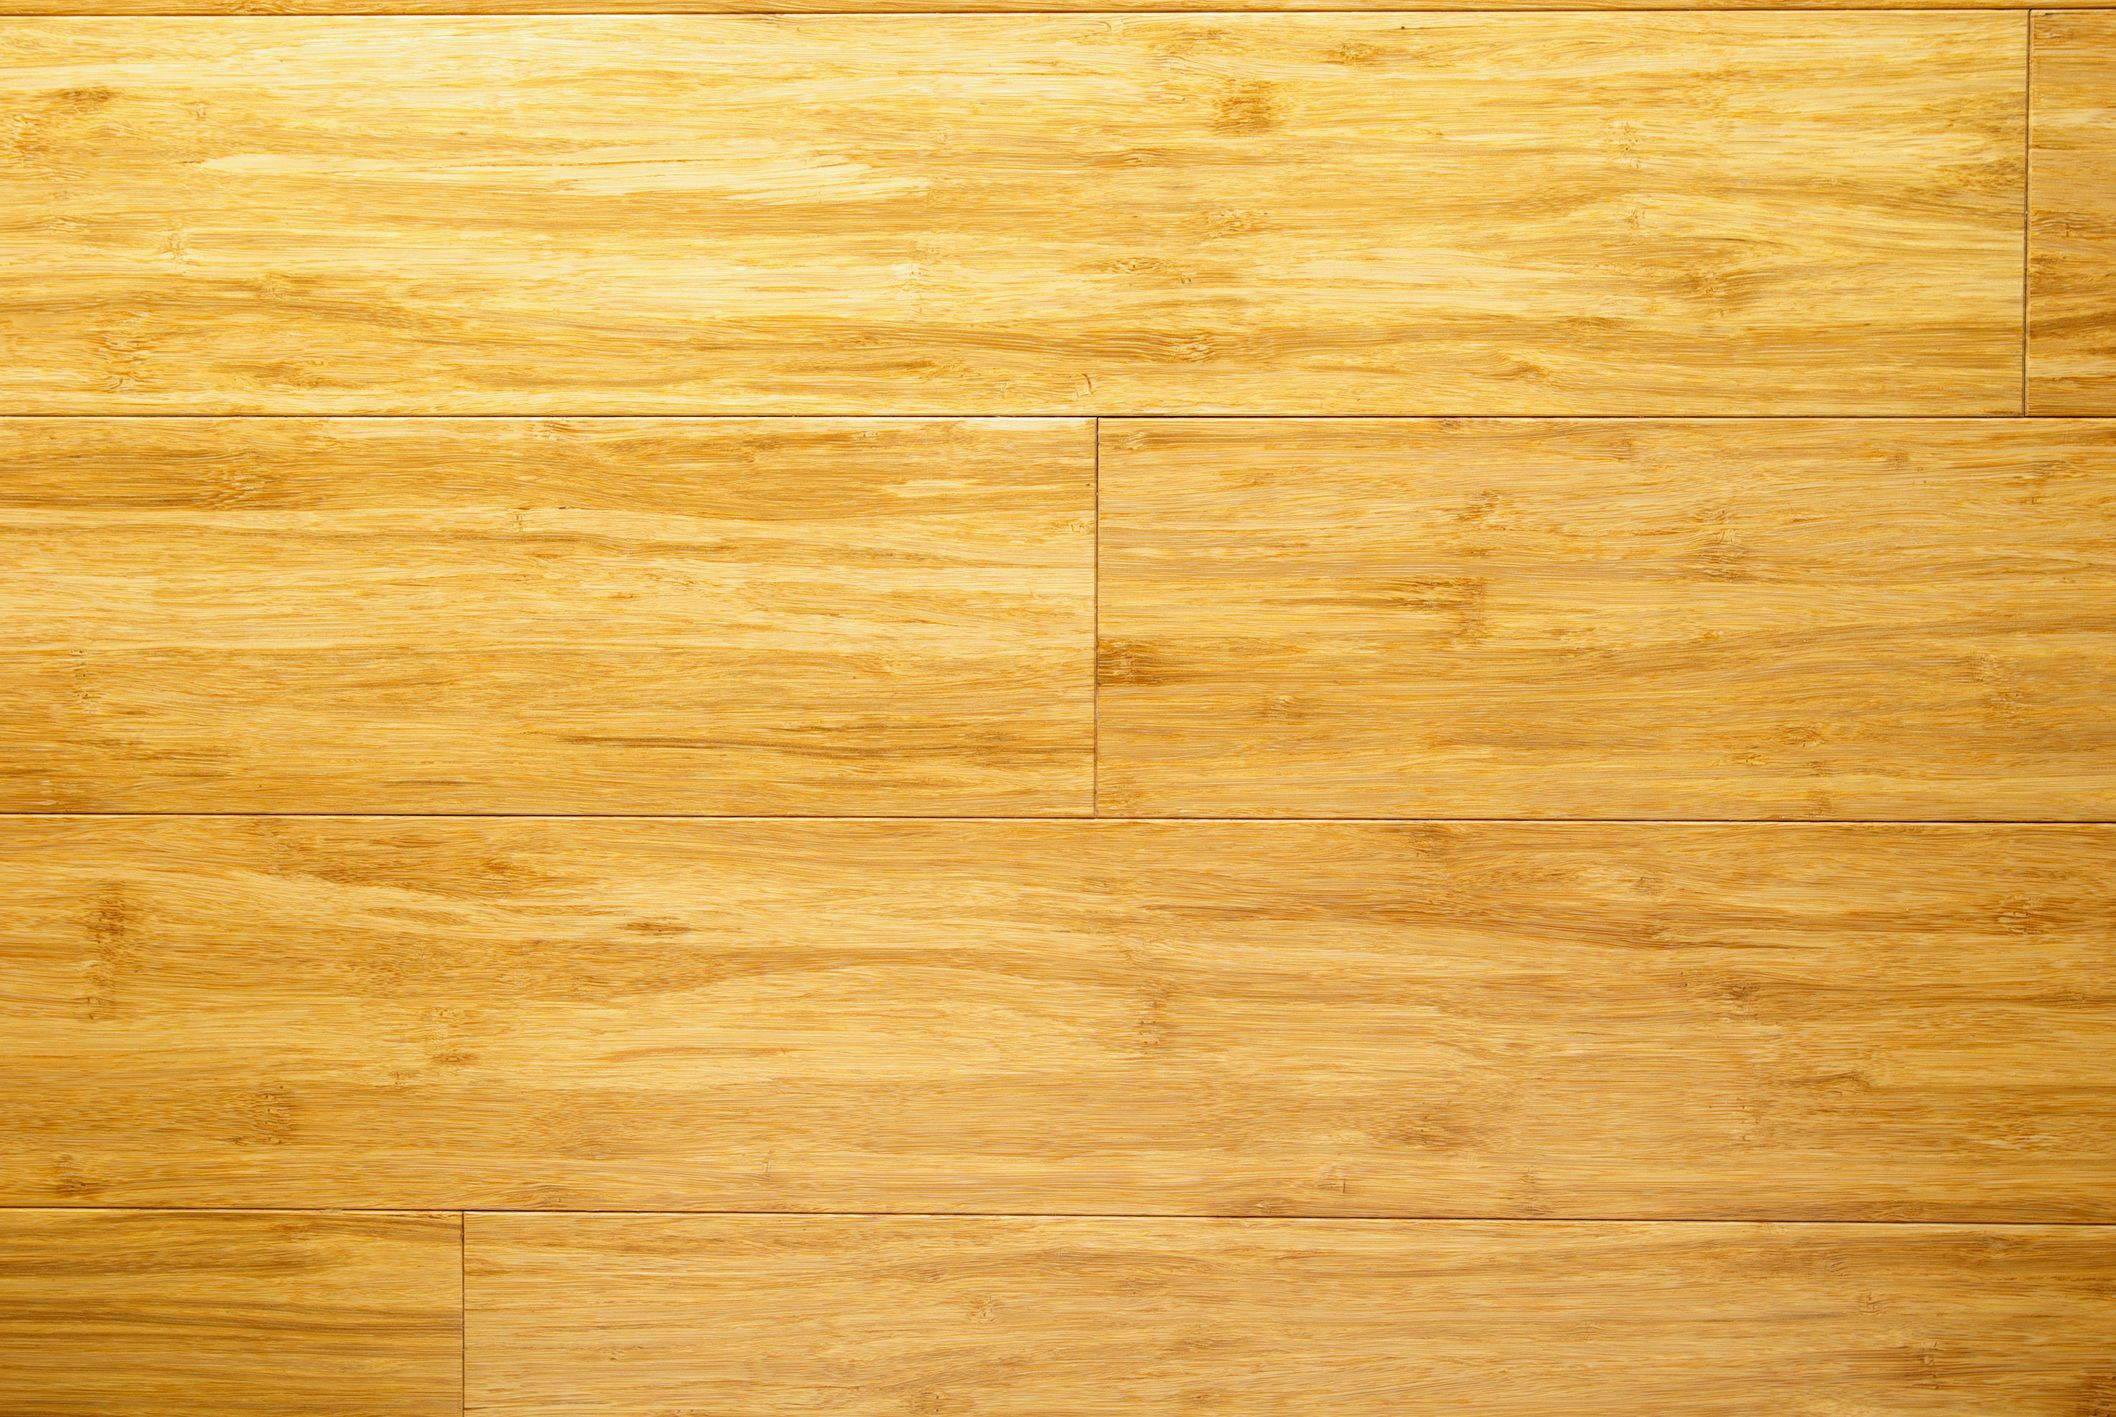 bamboo flooring vs hardwood flooring cost of bamboo vs hardwood flooring floor throughout bamboo vs hardwood flooring high traffic and mercial bamboo flooring information